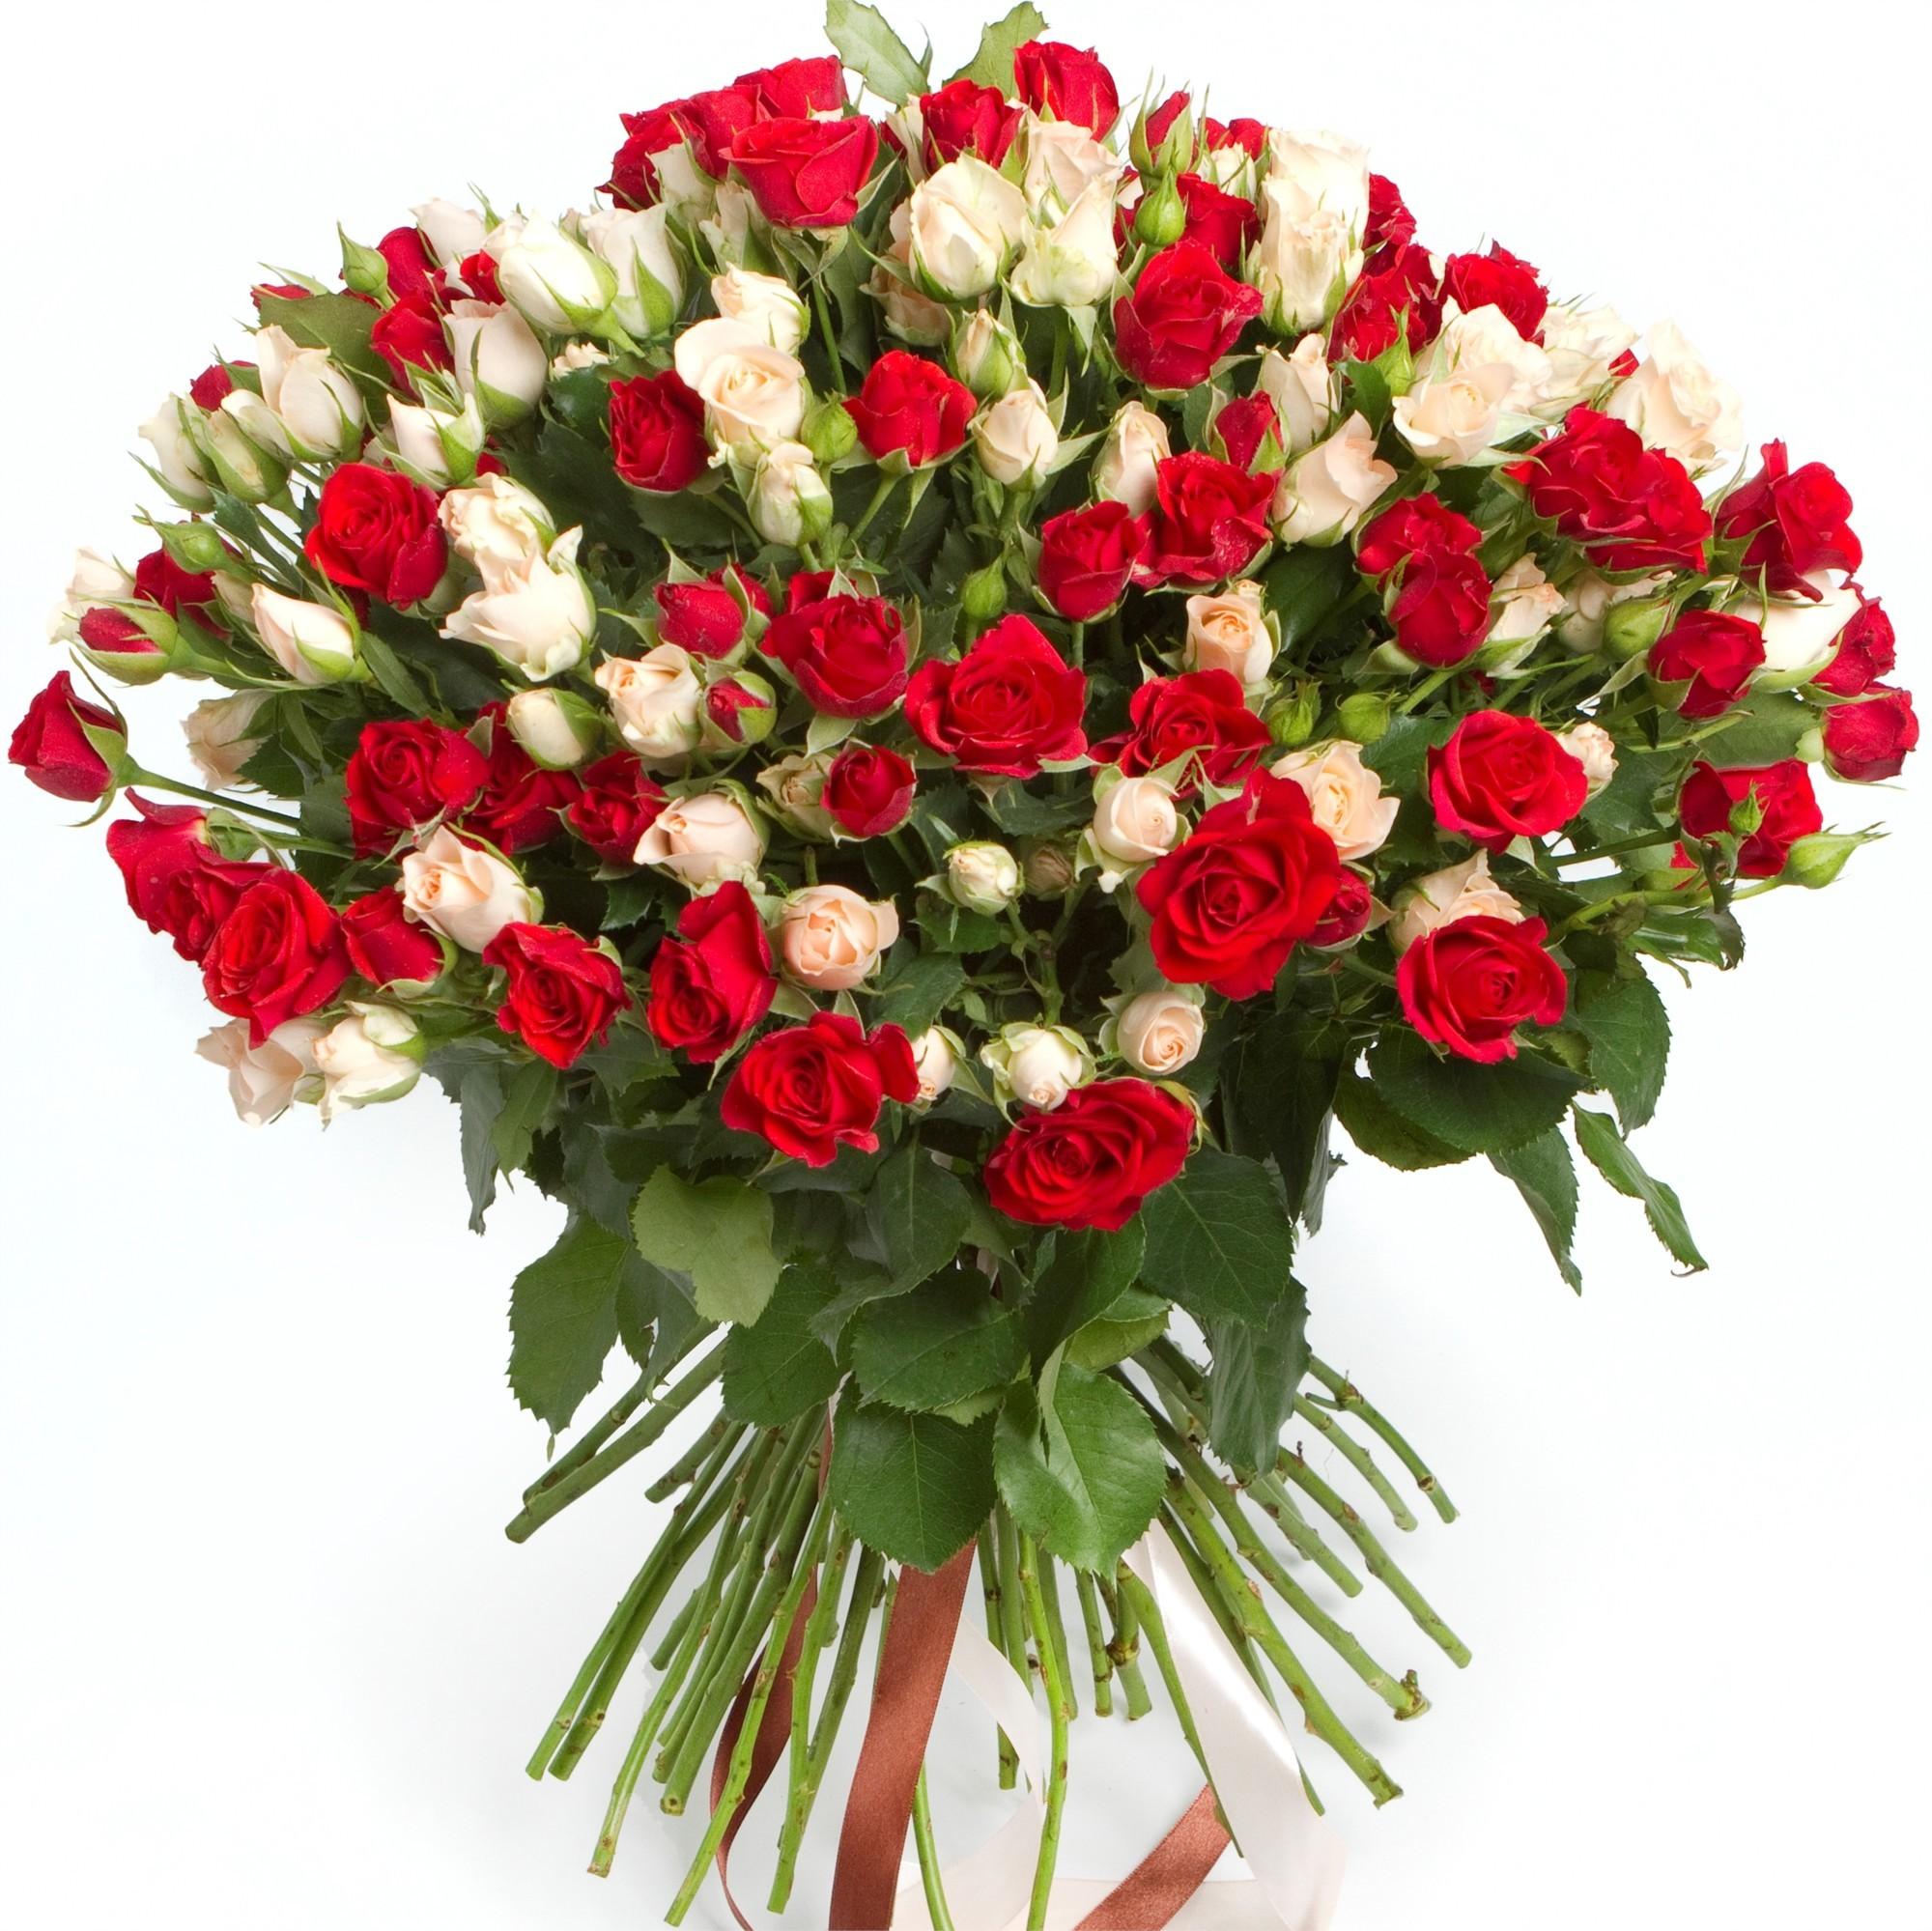 Цветы в горшках для украшения свадьбы фото многие другие